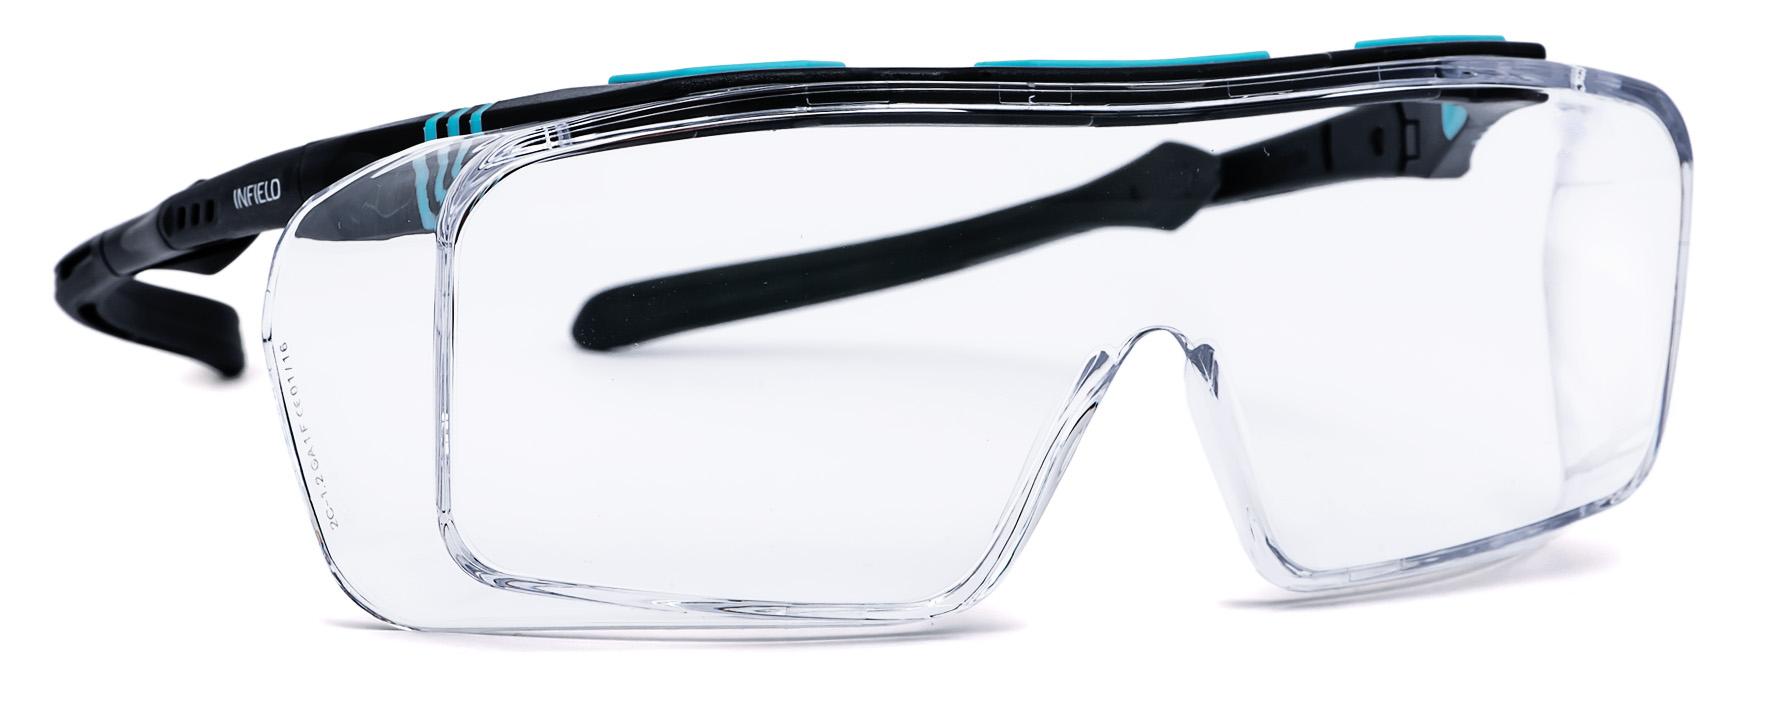 Arbeitsschutzbrille, Überbrille, die über die vorhandene Brille gezogen werden kann